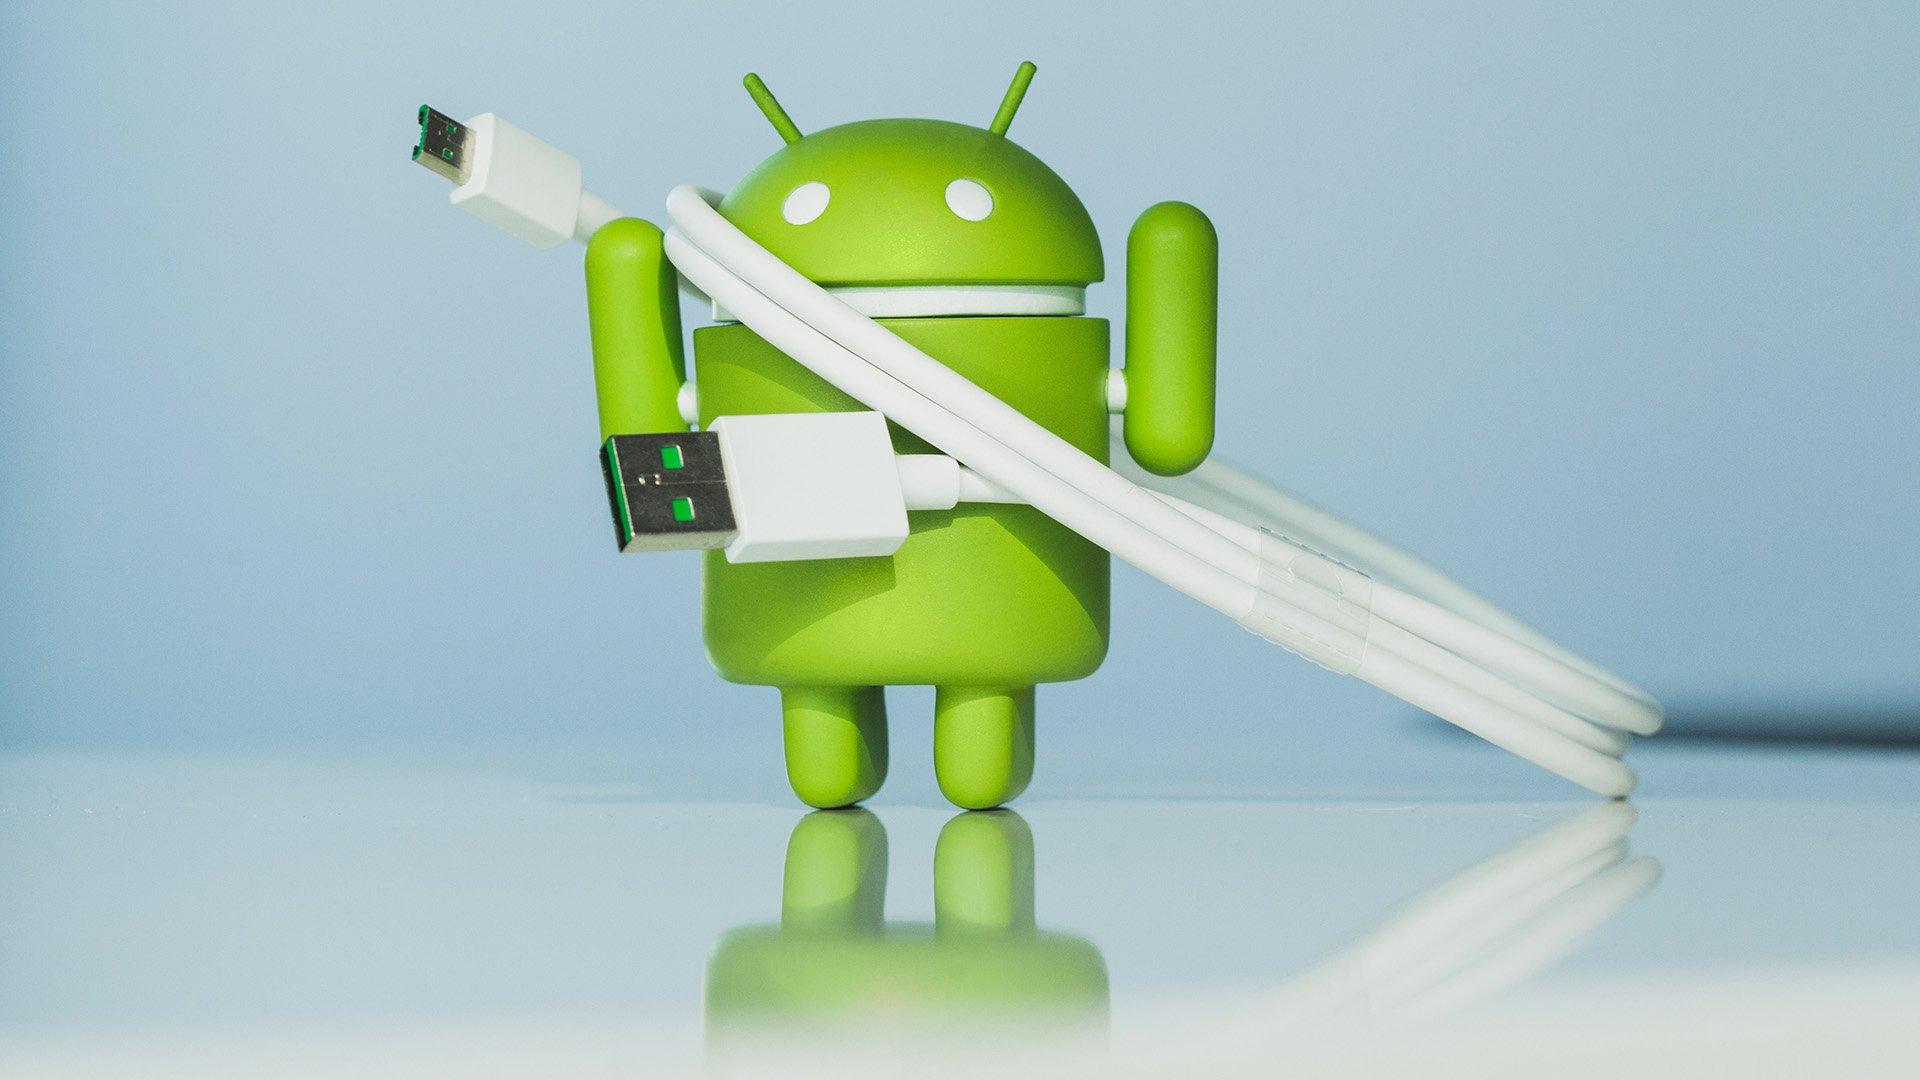 Xiaomi lädt in nur 17 Minuten einen 4.000 mAh großen Akku